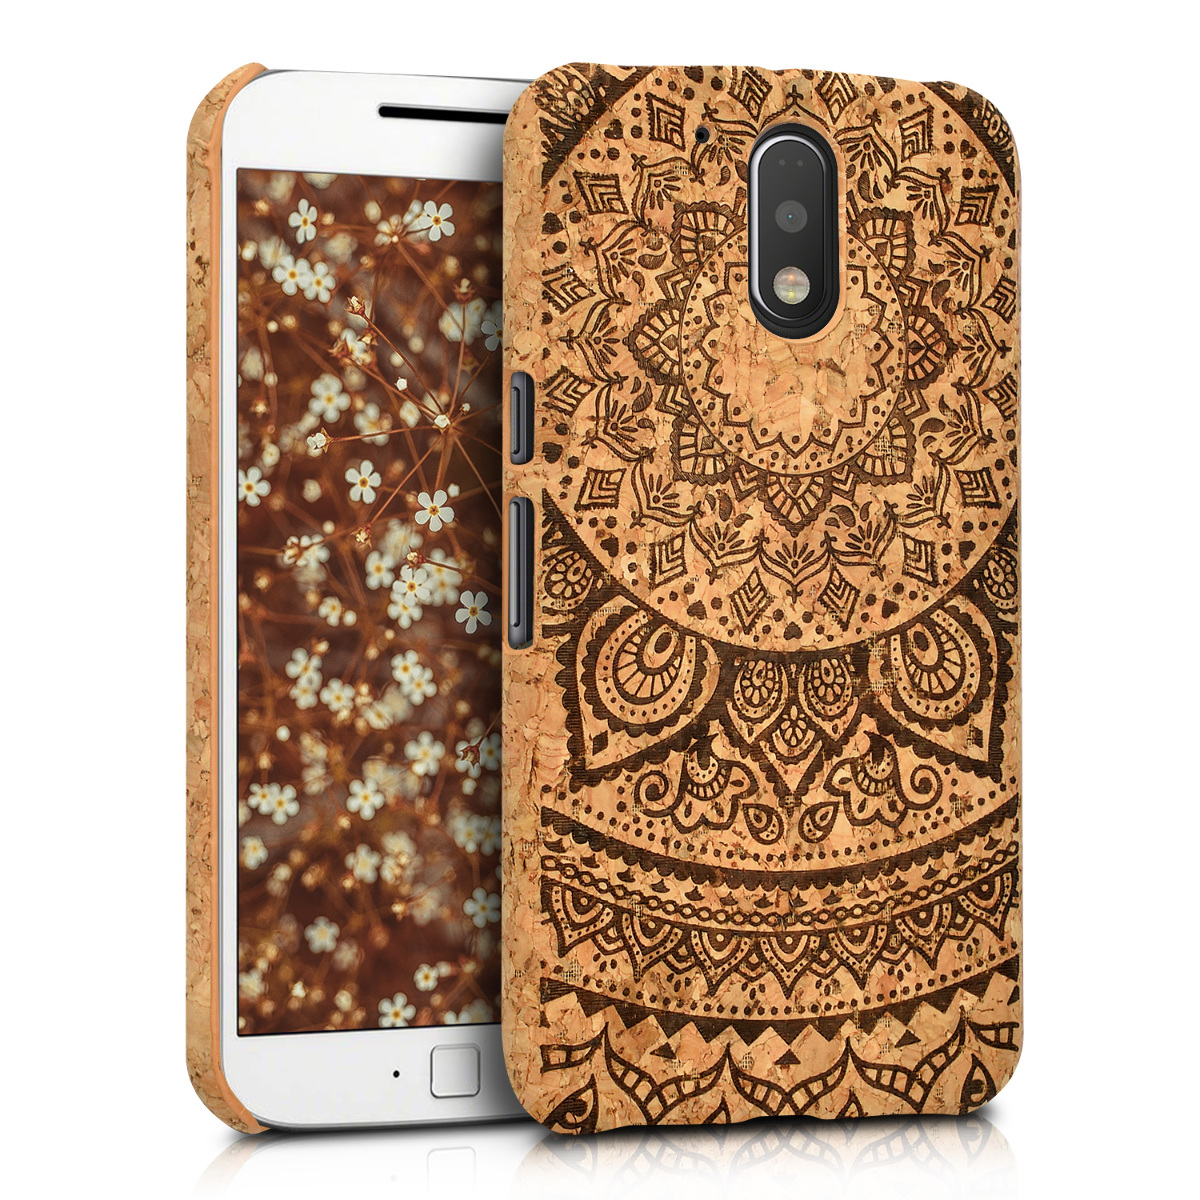 Korkové pouzdro | obal pro Motorola Moto G4 / Moto G4 Plus - Indiánské slunce Tmavě hnědá / světle hnědá